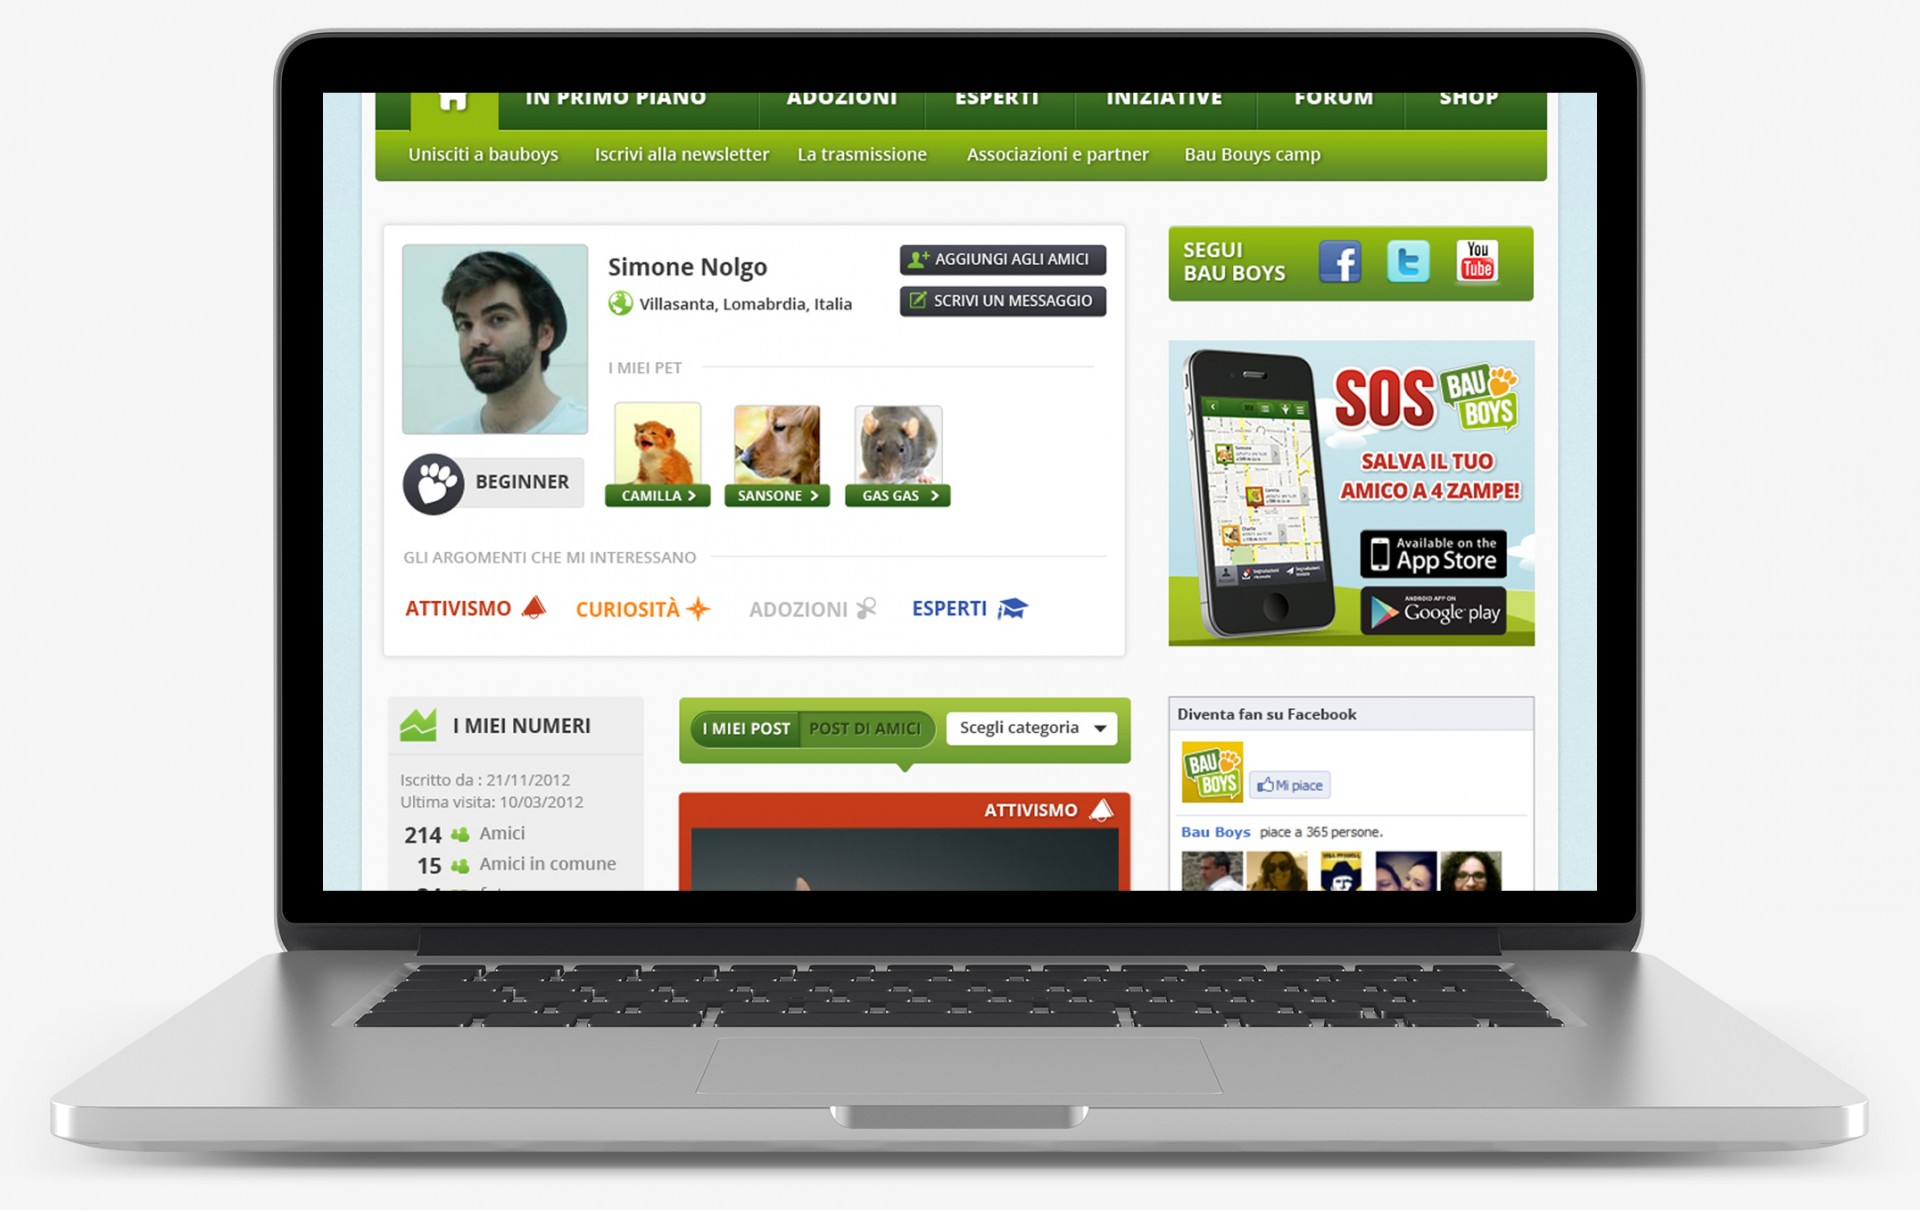 www.bauboys.tv